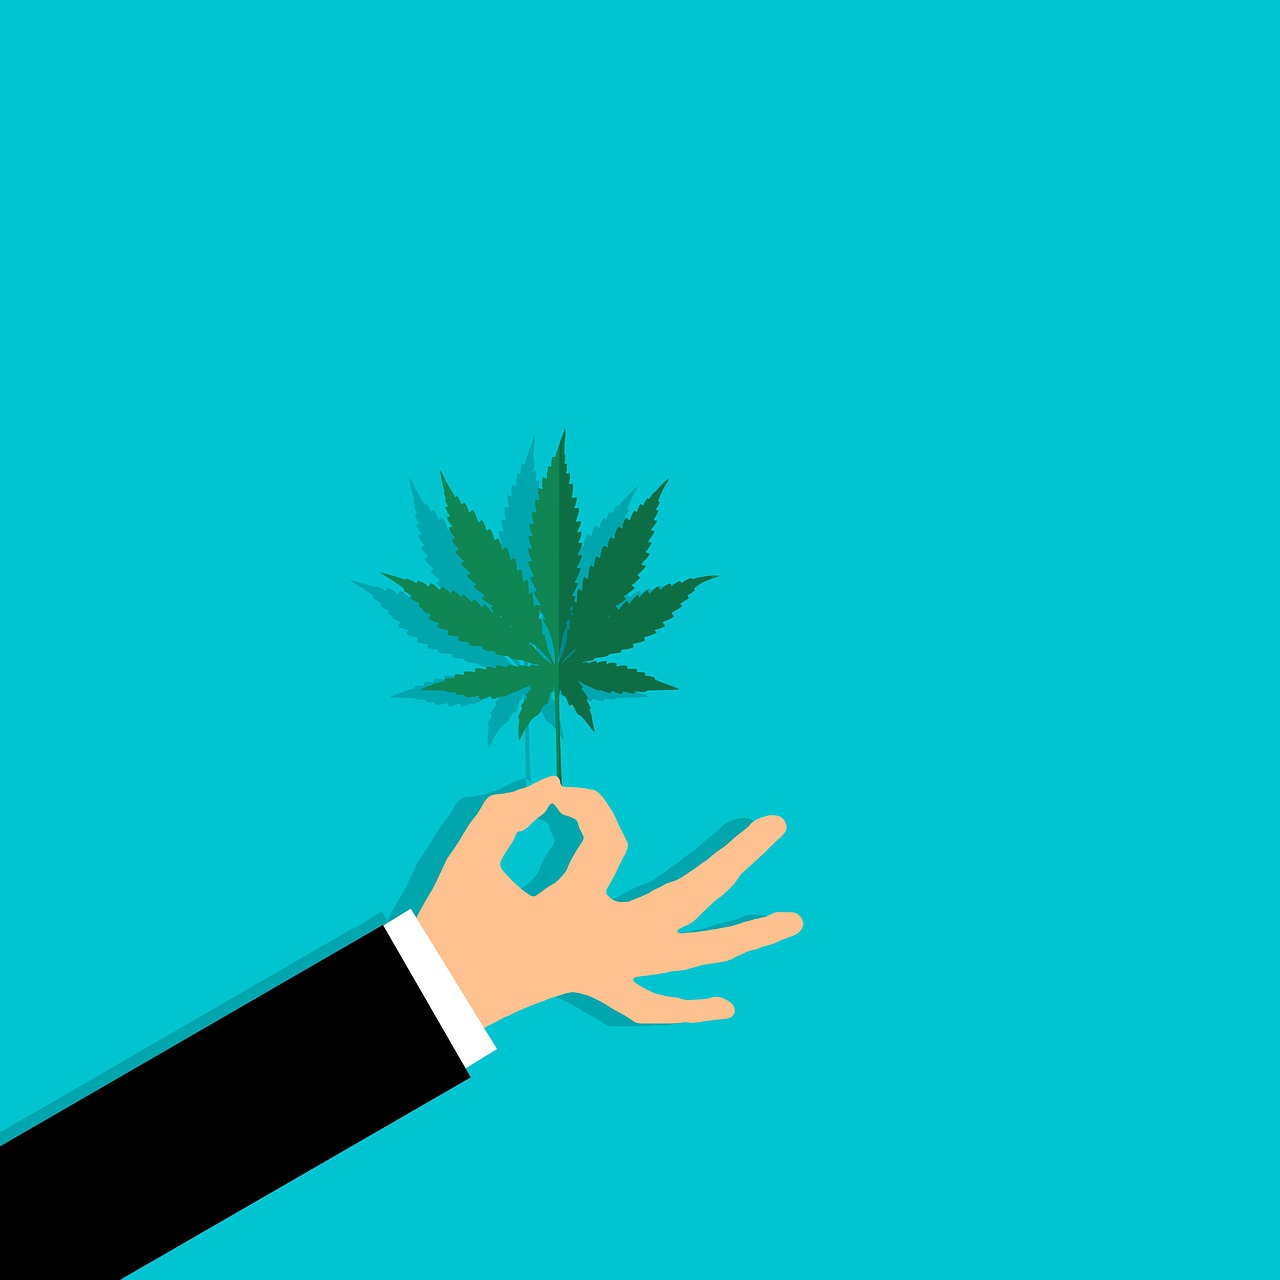 איש מחזיק צמח